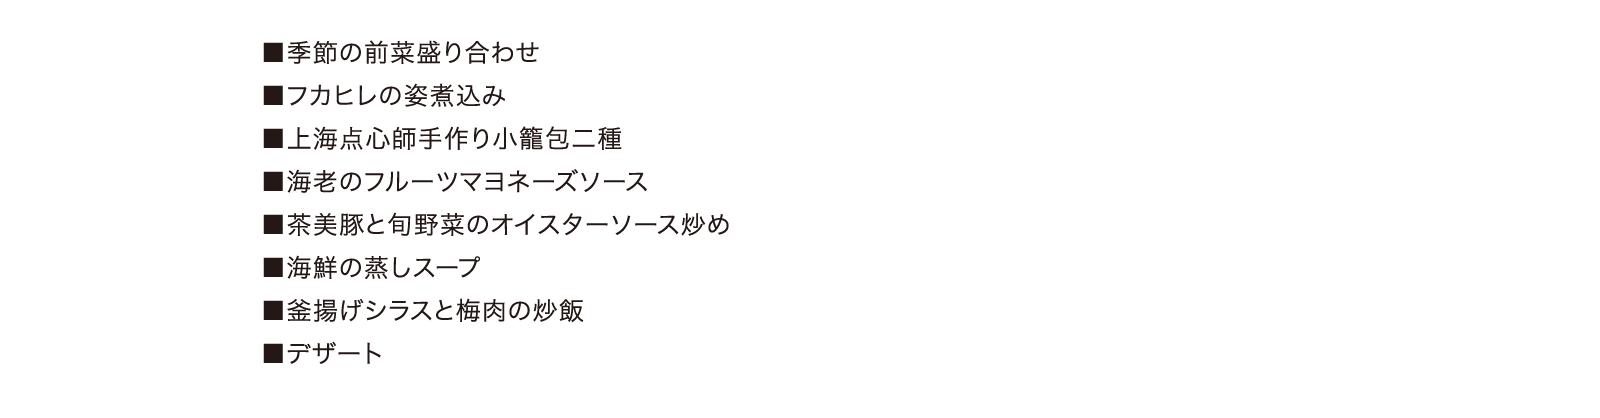 青龍コース/コース内容